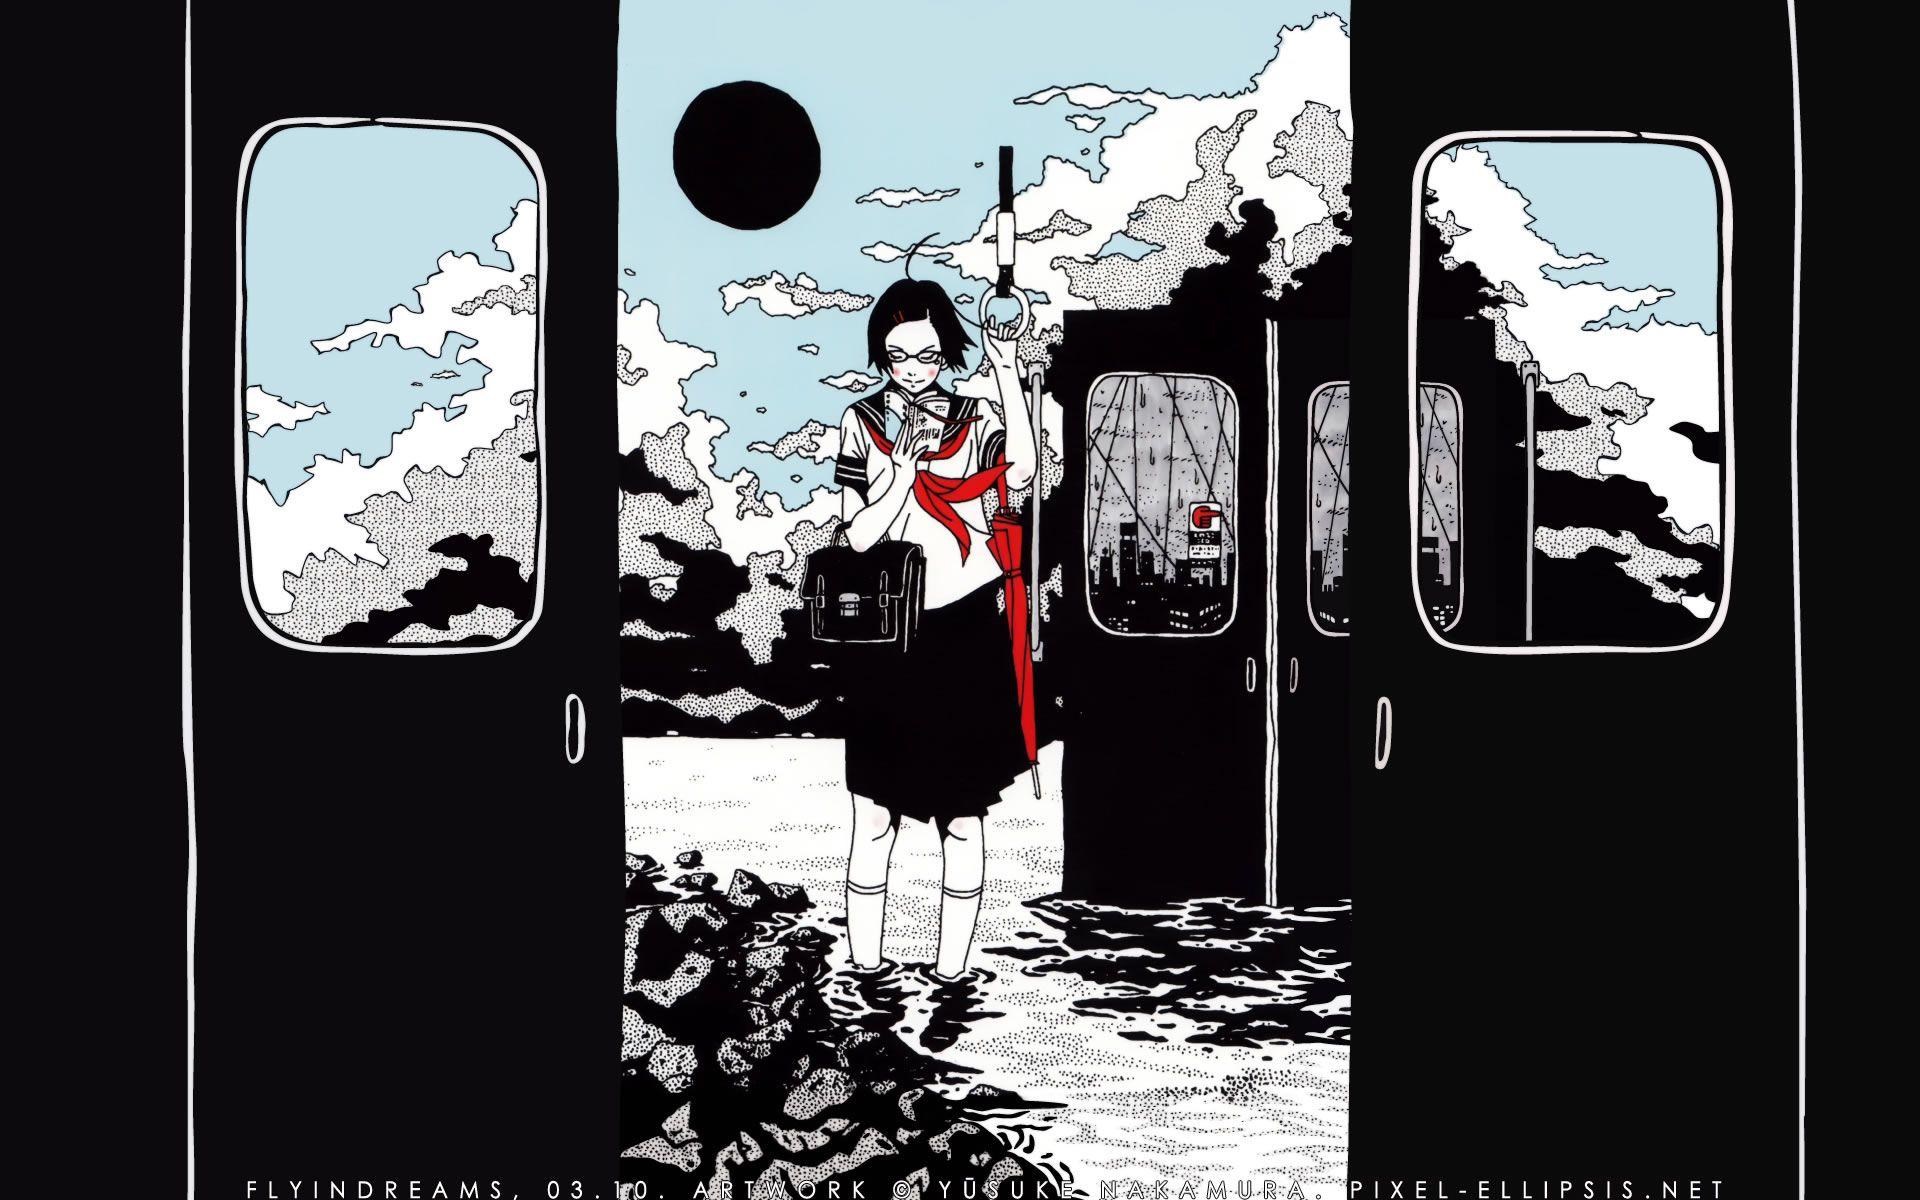 壁紙マニアクス 中村祐介の描く女性的な世界観 中村祐介 アニメの壁紙 中村佑介